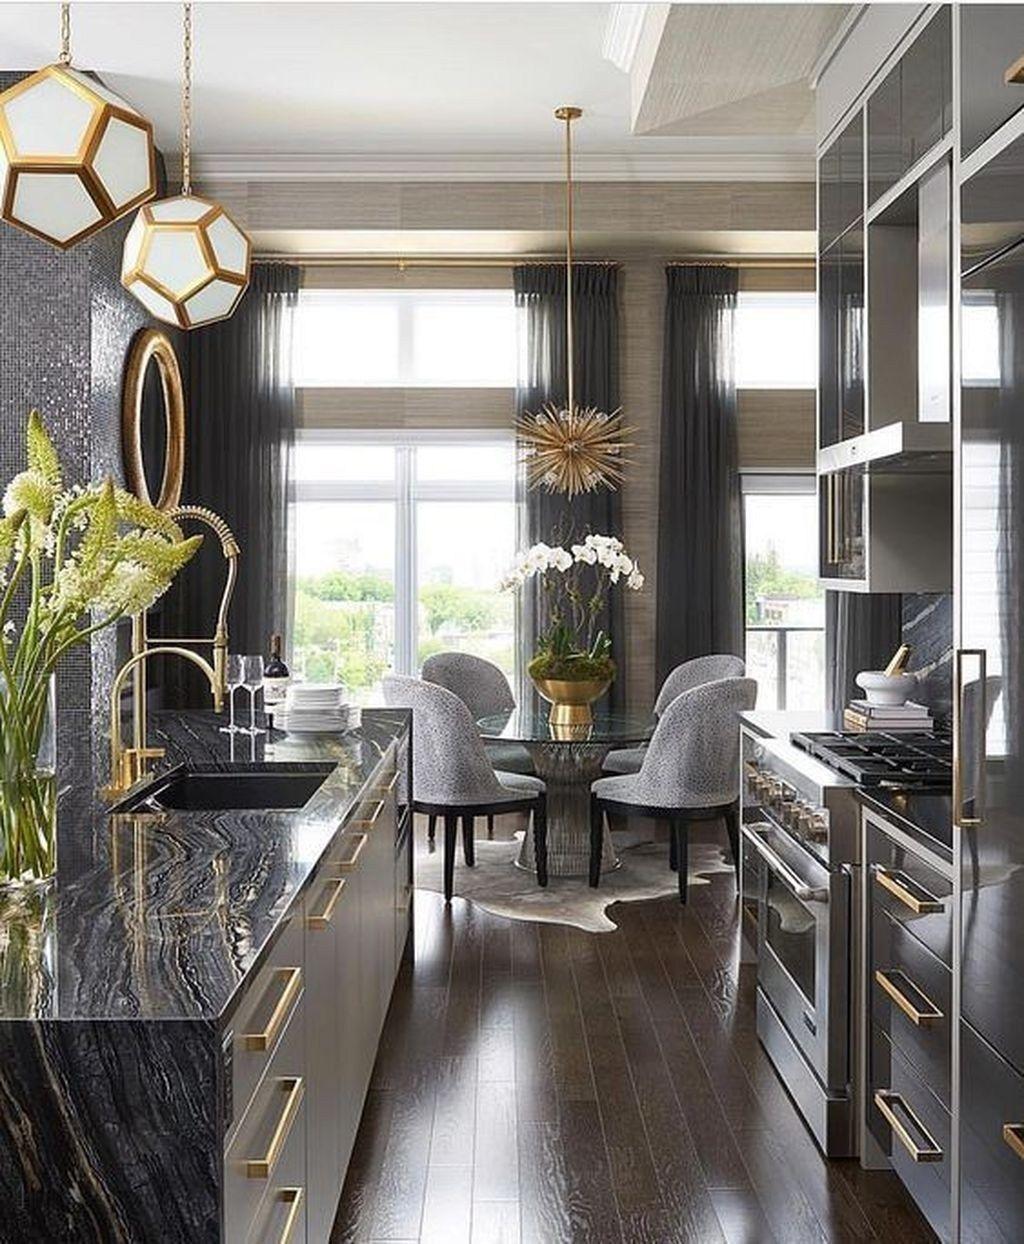 30 Classy House Design Ideas Home Decor Kitchen Interior